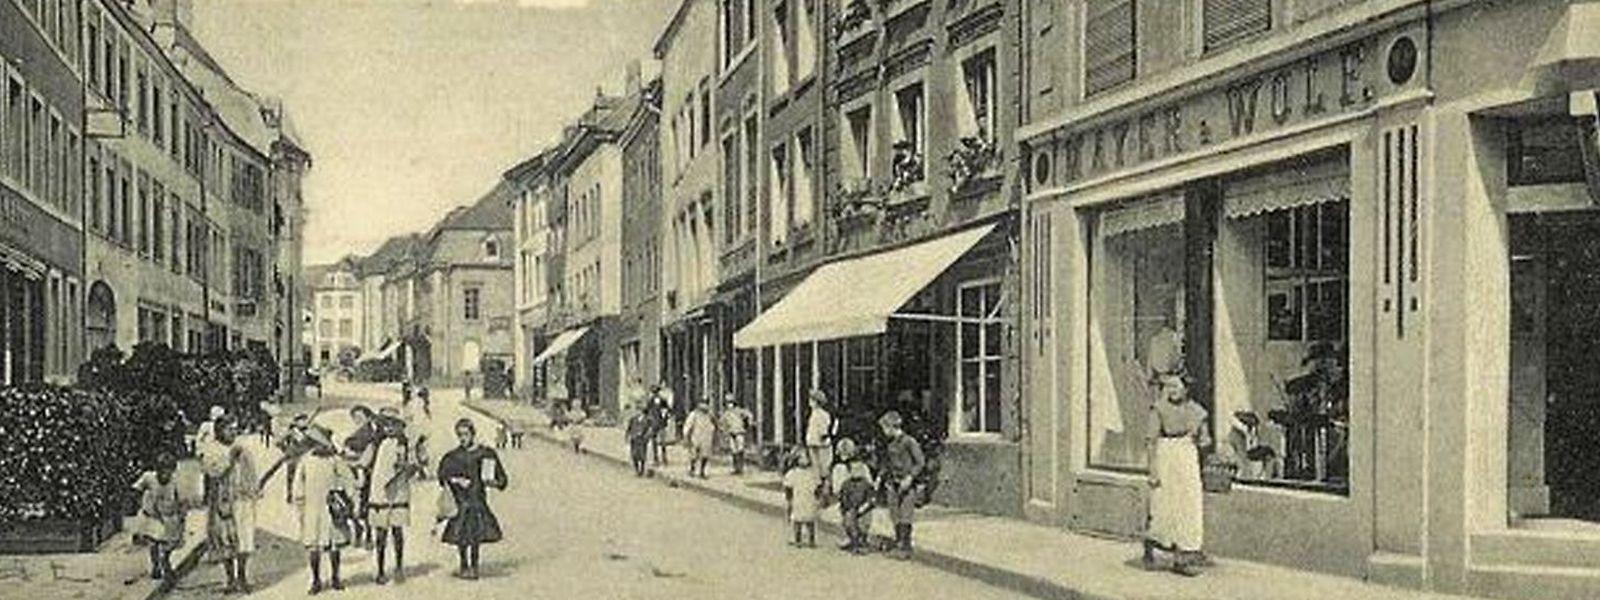 Die jüdischen Einwohner unterhielten mehrere Läden in der Moselstadt, wie hier etwa das Hutgeschäft Mayer-Wolf in der Grand-Rue.